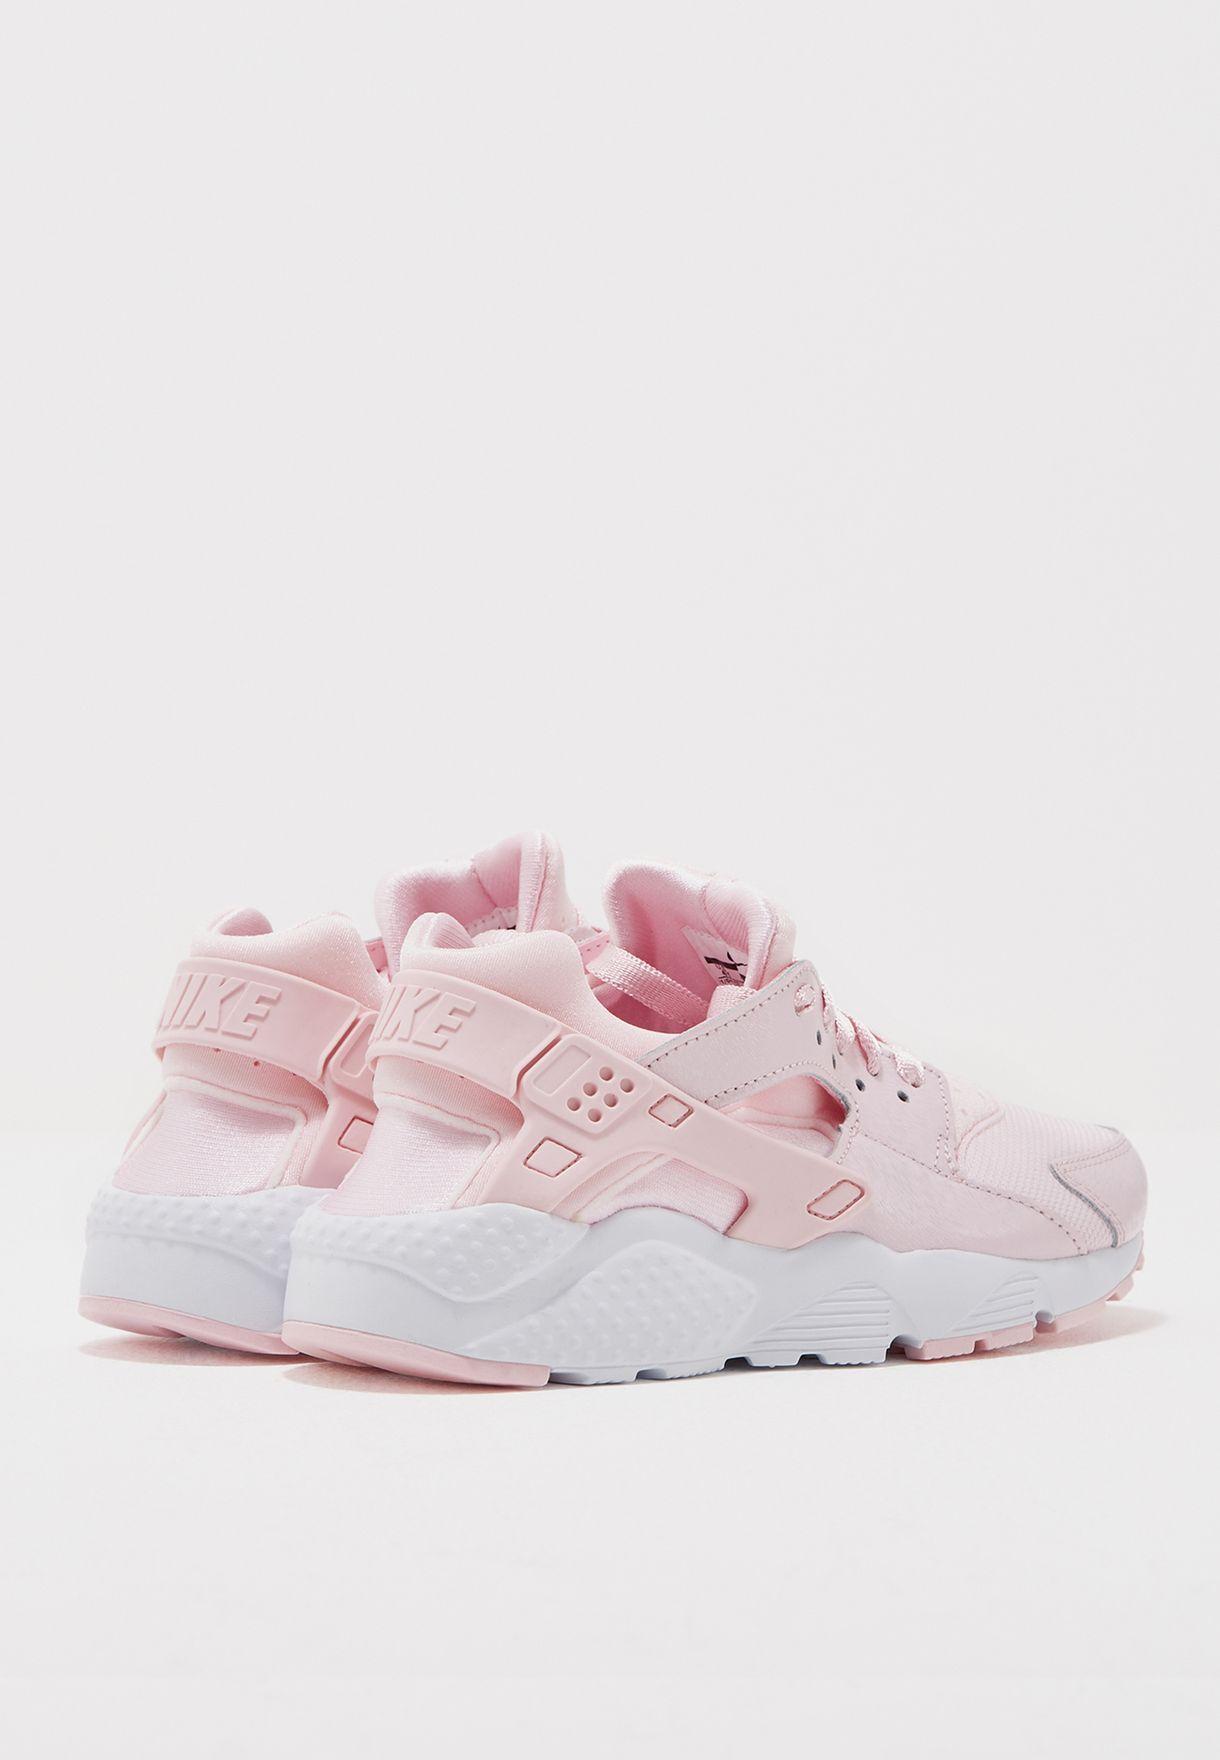 effedc74a3e5 Shop Nike pink Huarache Run Se Youth 904538-600 for Women in ...